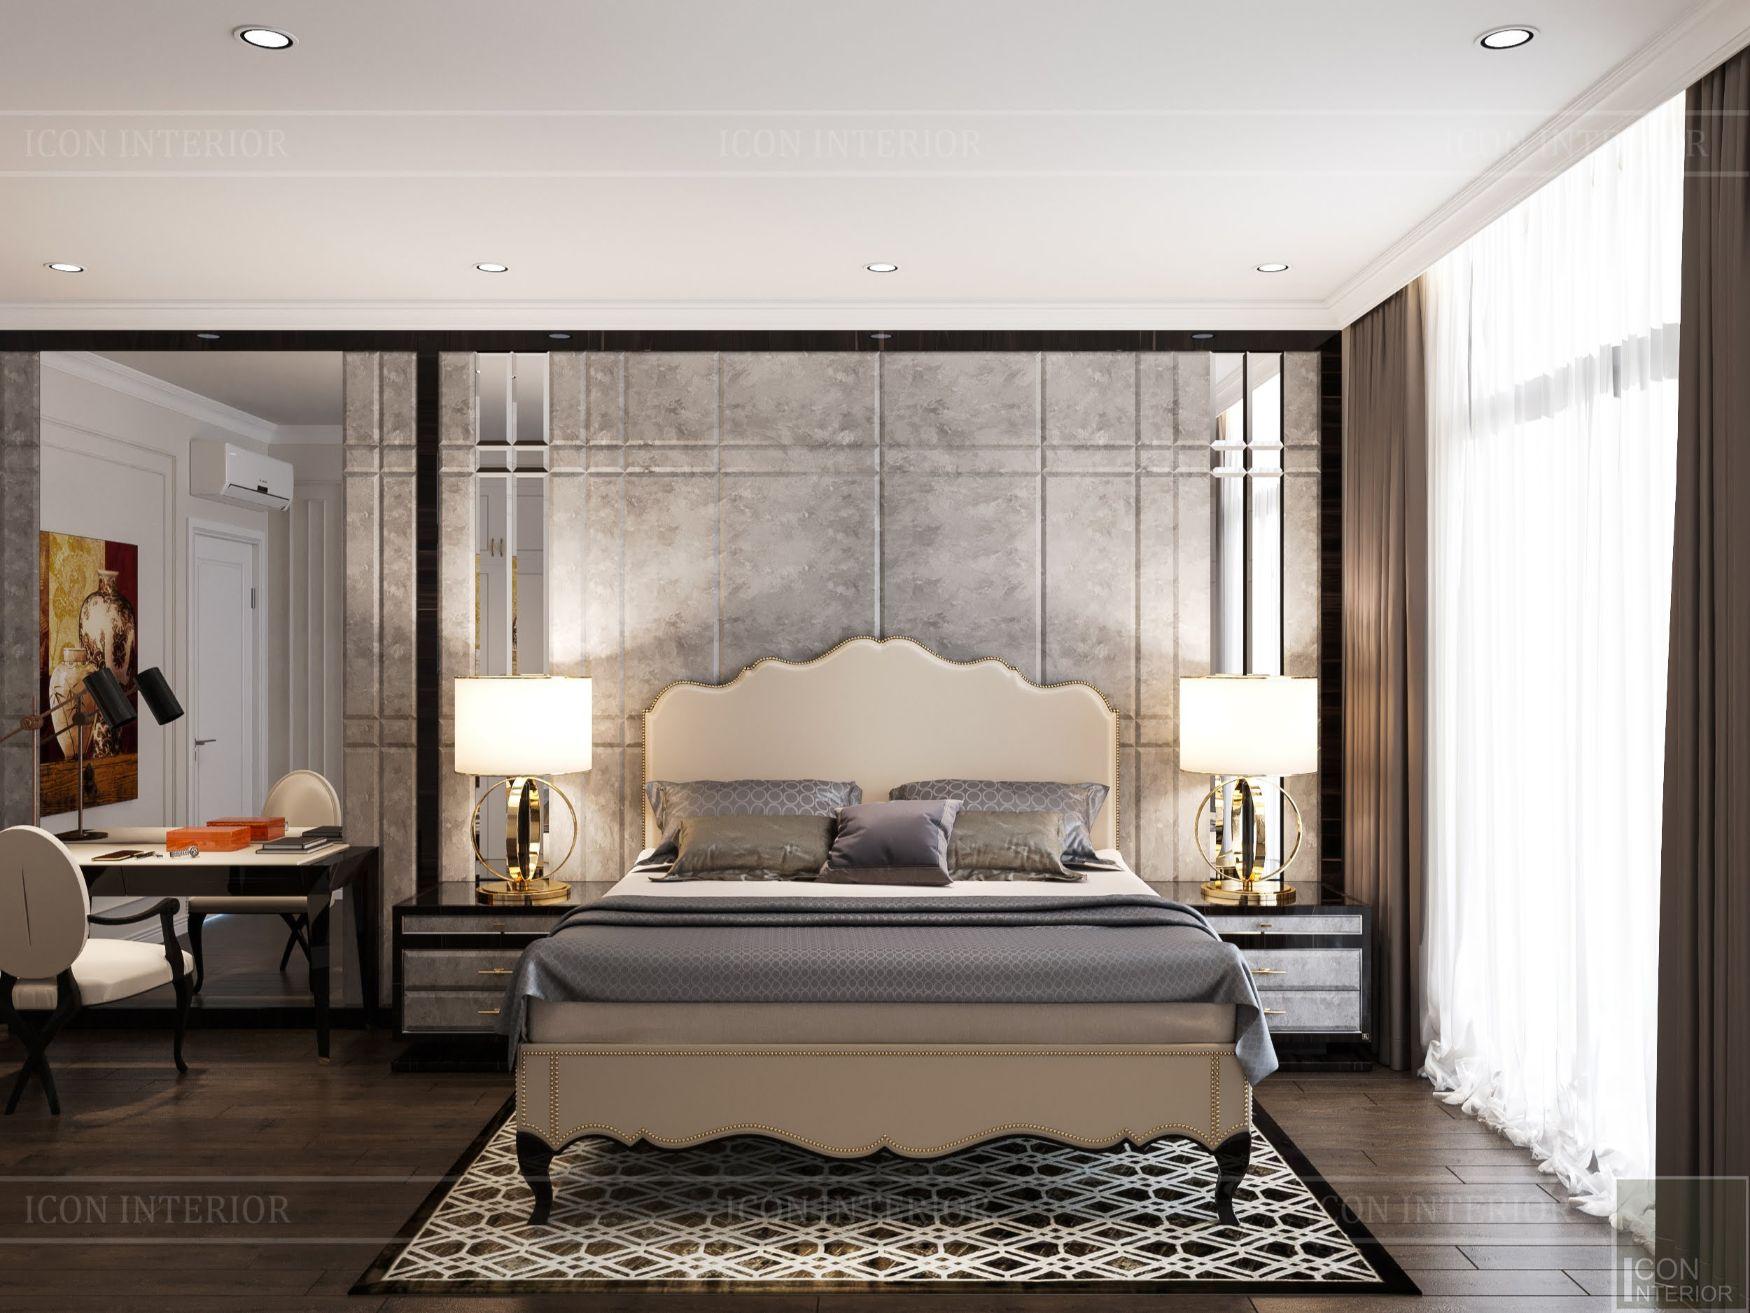 mẫu thiết kế nội thất biệt thự - phòng ngủ master 2